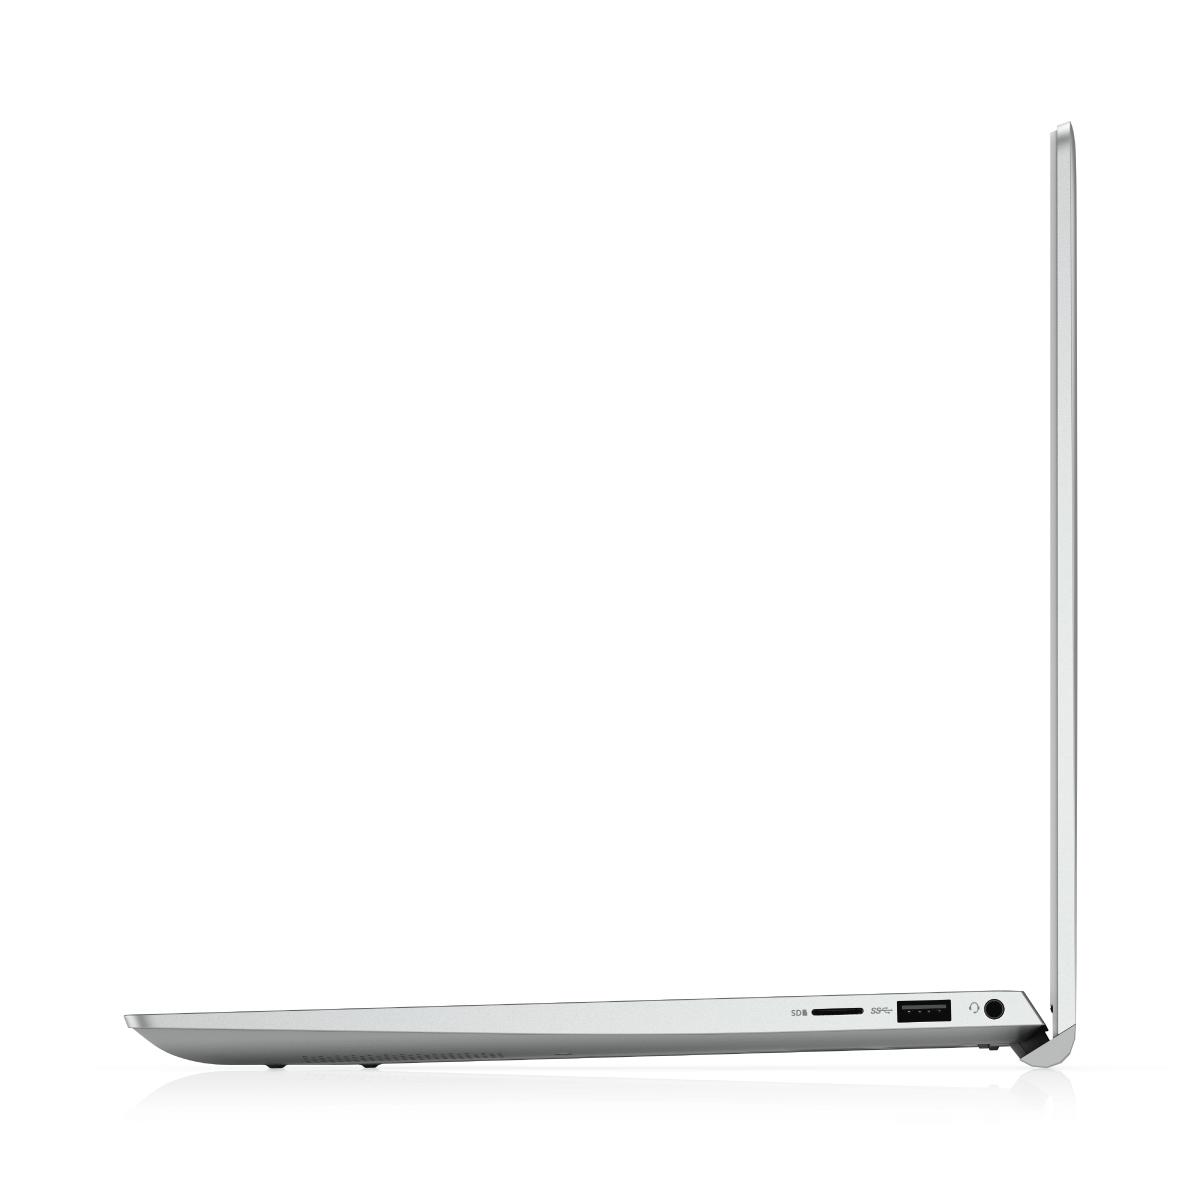 Dell Inspiron 5401 (i5, Platinum Silver)